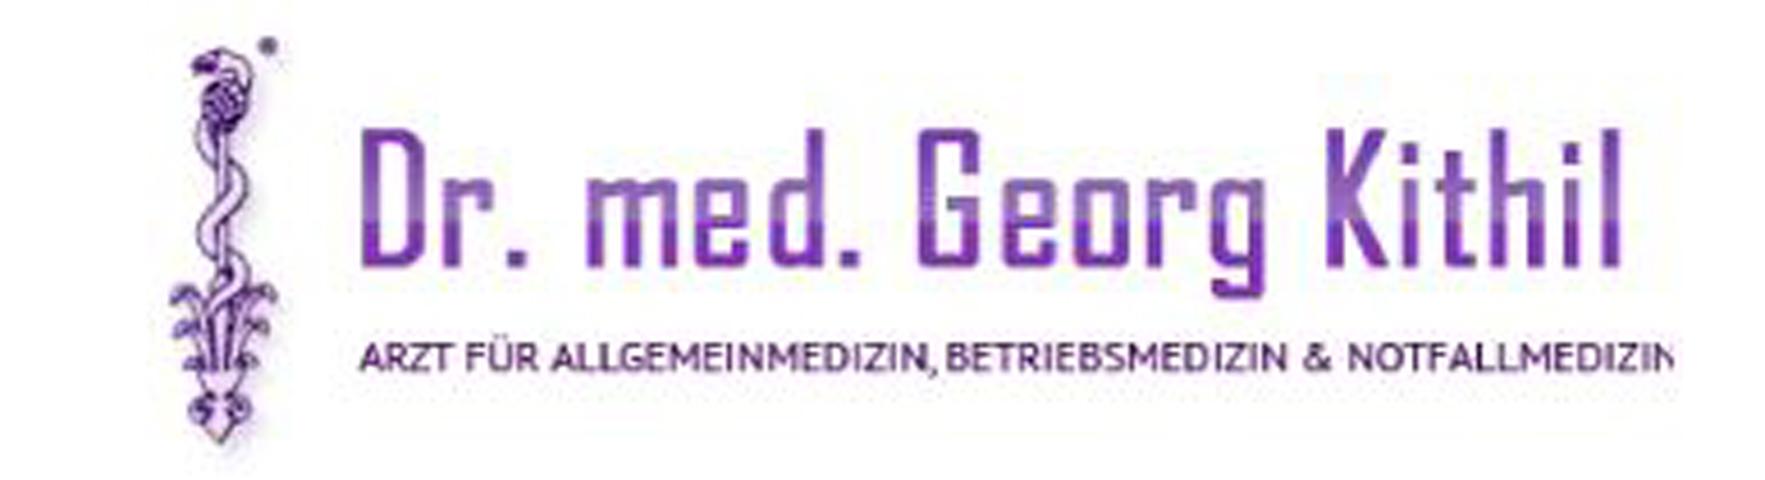 Dr. med. Georg Kithil Arzt für Allgemeinmedizin Günzburg